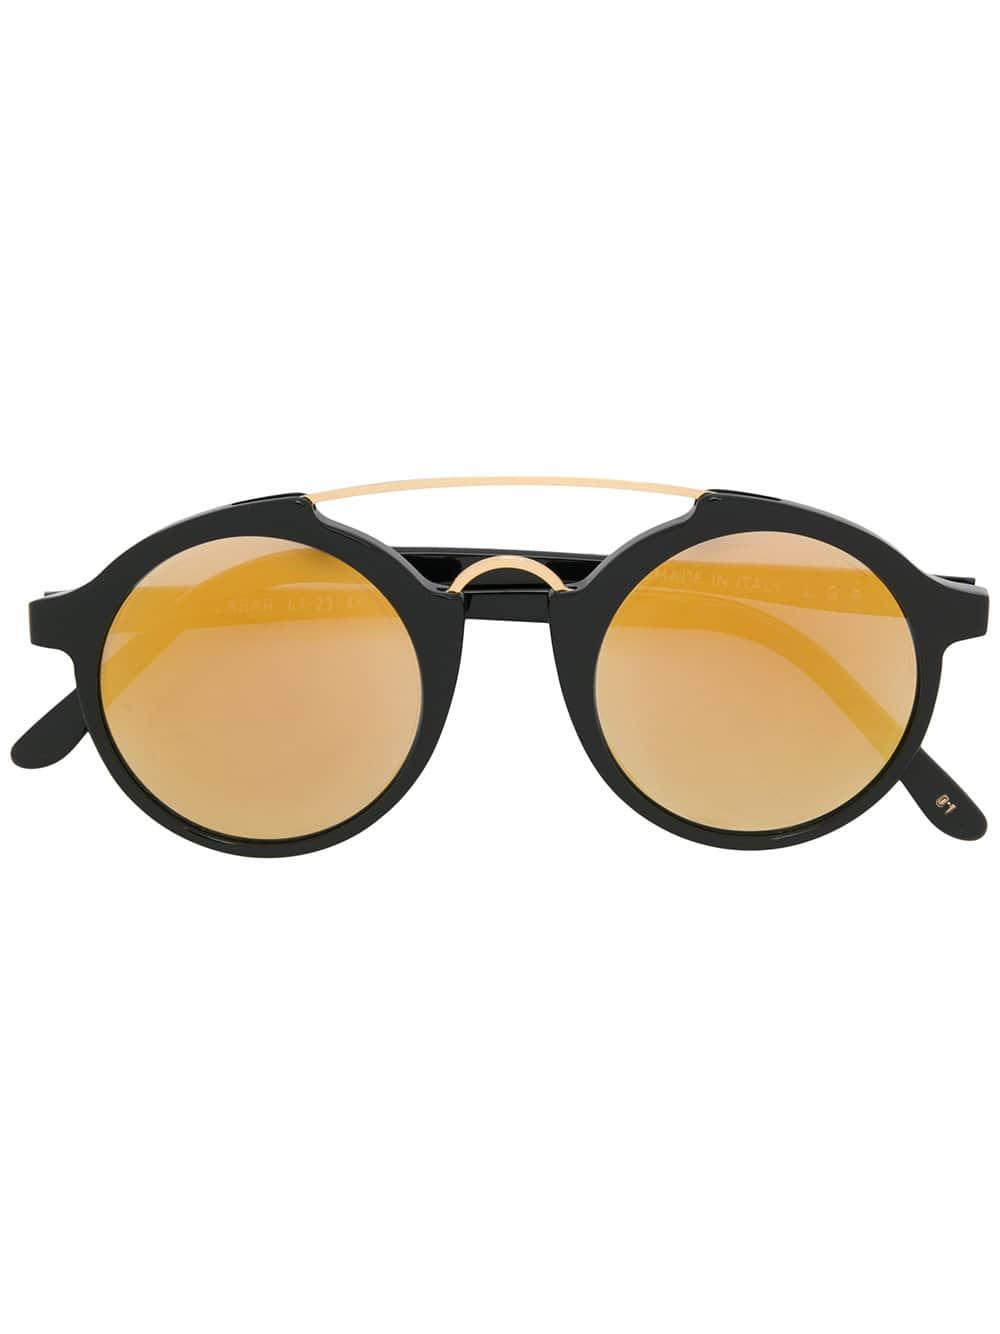 ELLOS MODA    Los mejores estilos de lentes de sol para hombres